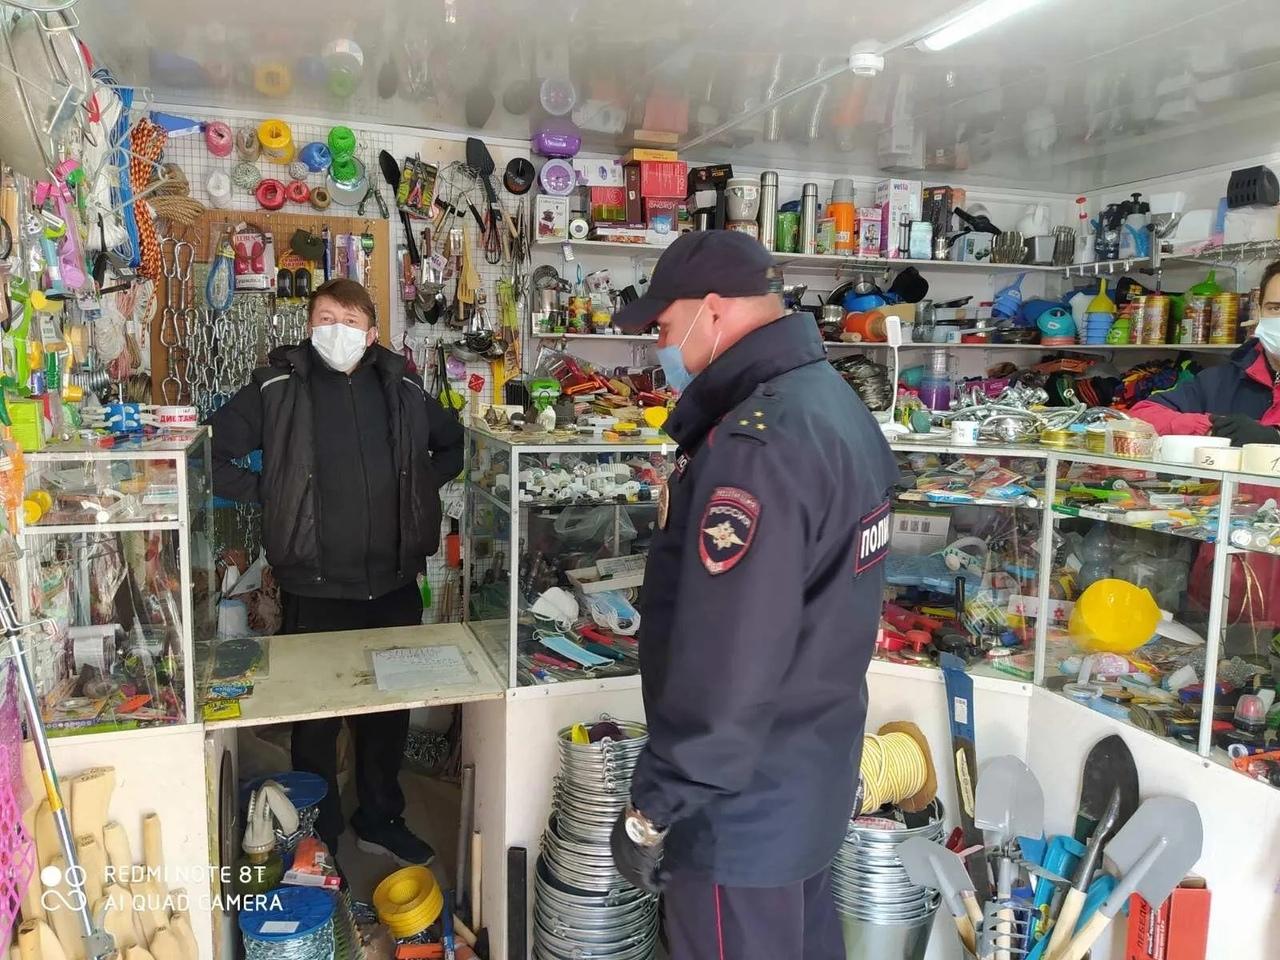 Представители администрации Петровского района и полиции проверили выполнение петровчанами противоэпидемических мер